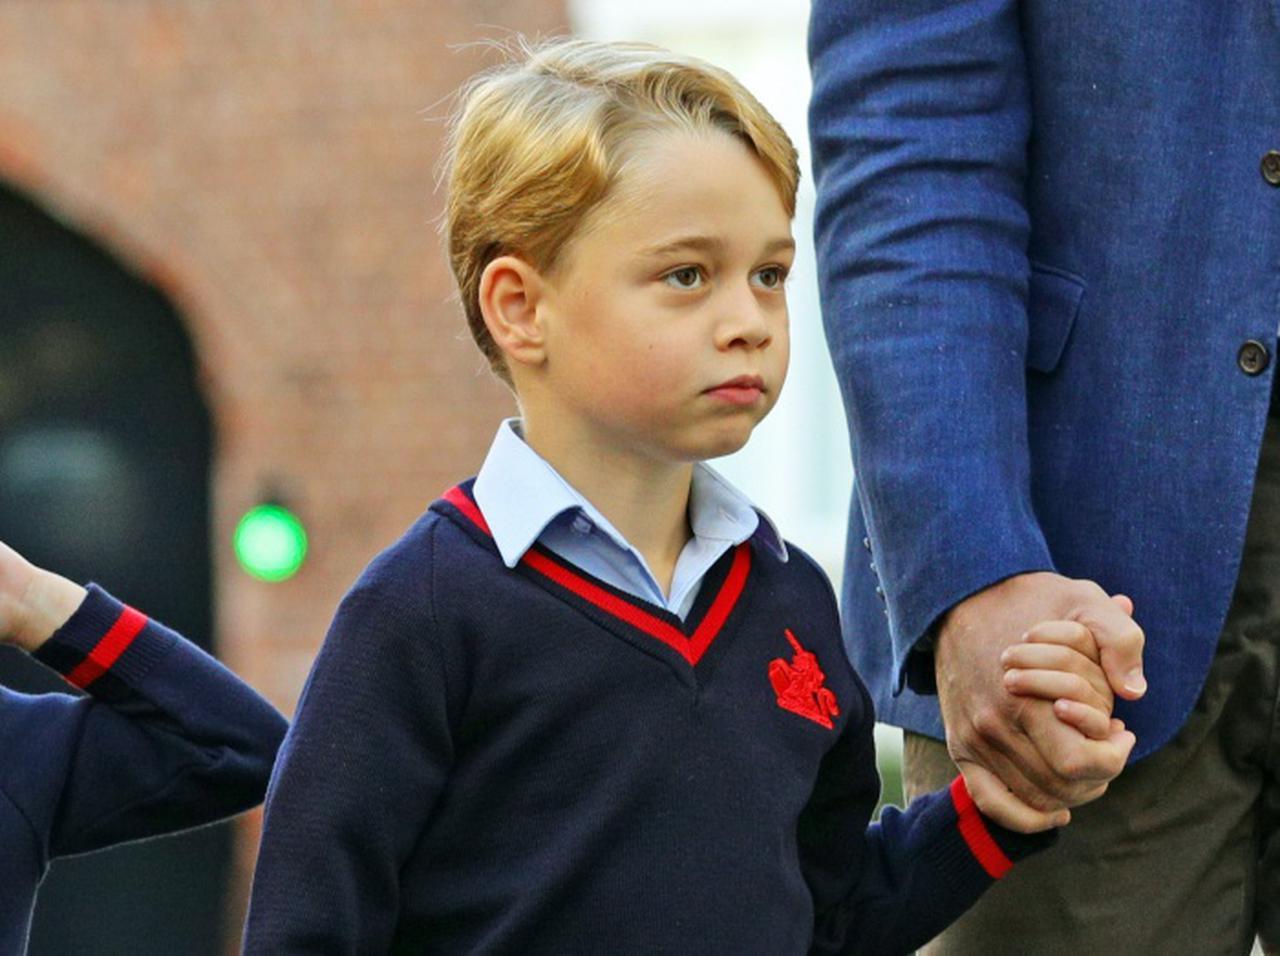 画像: ウィリアム王子、ジョージ王子の7歳の誕生日に「宿命」について話をしていた - フロントロウ -海外セレブ&海外カルチャー情報を発信